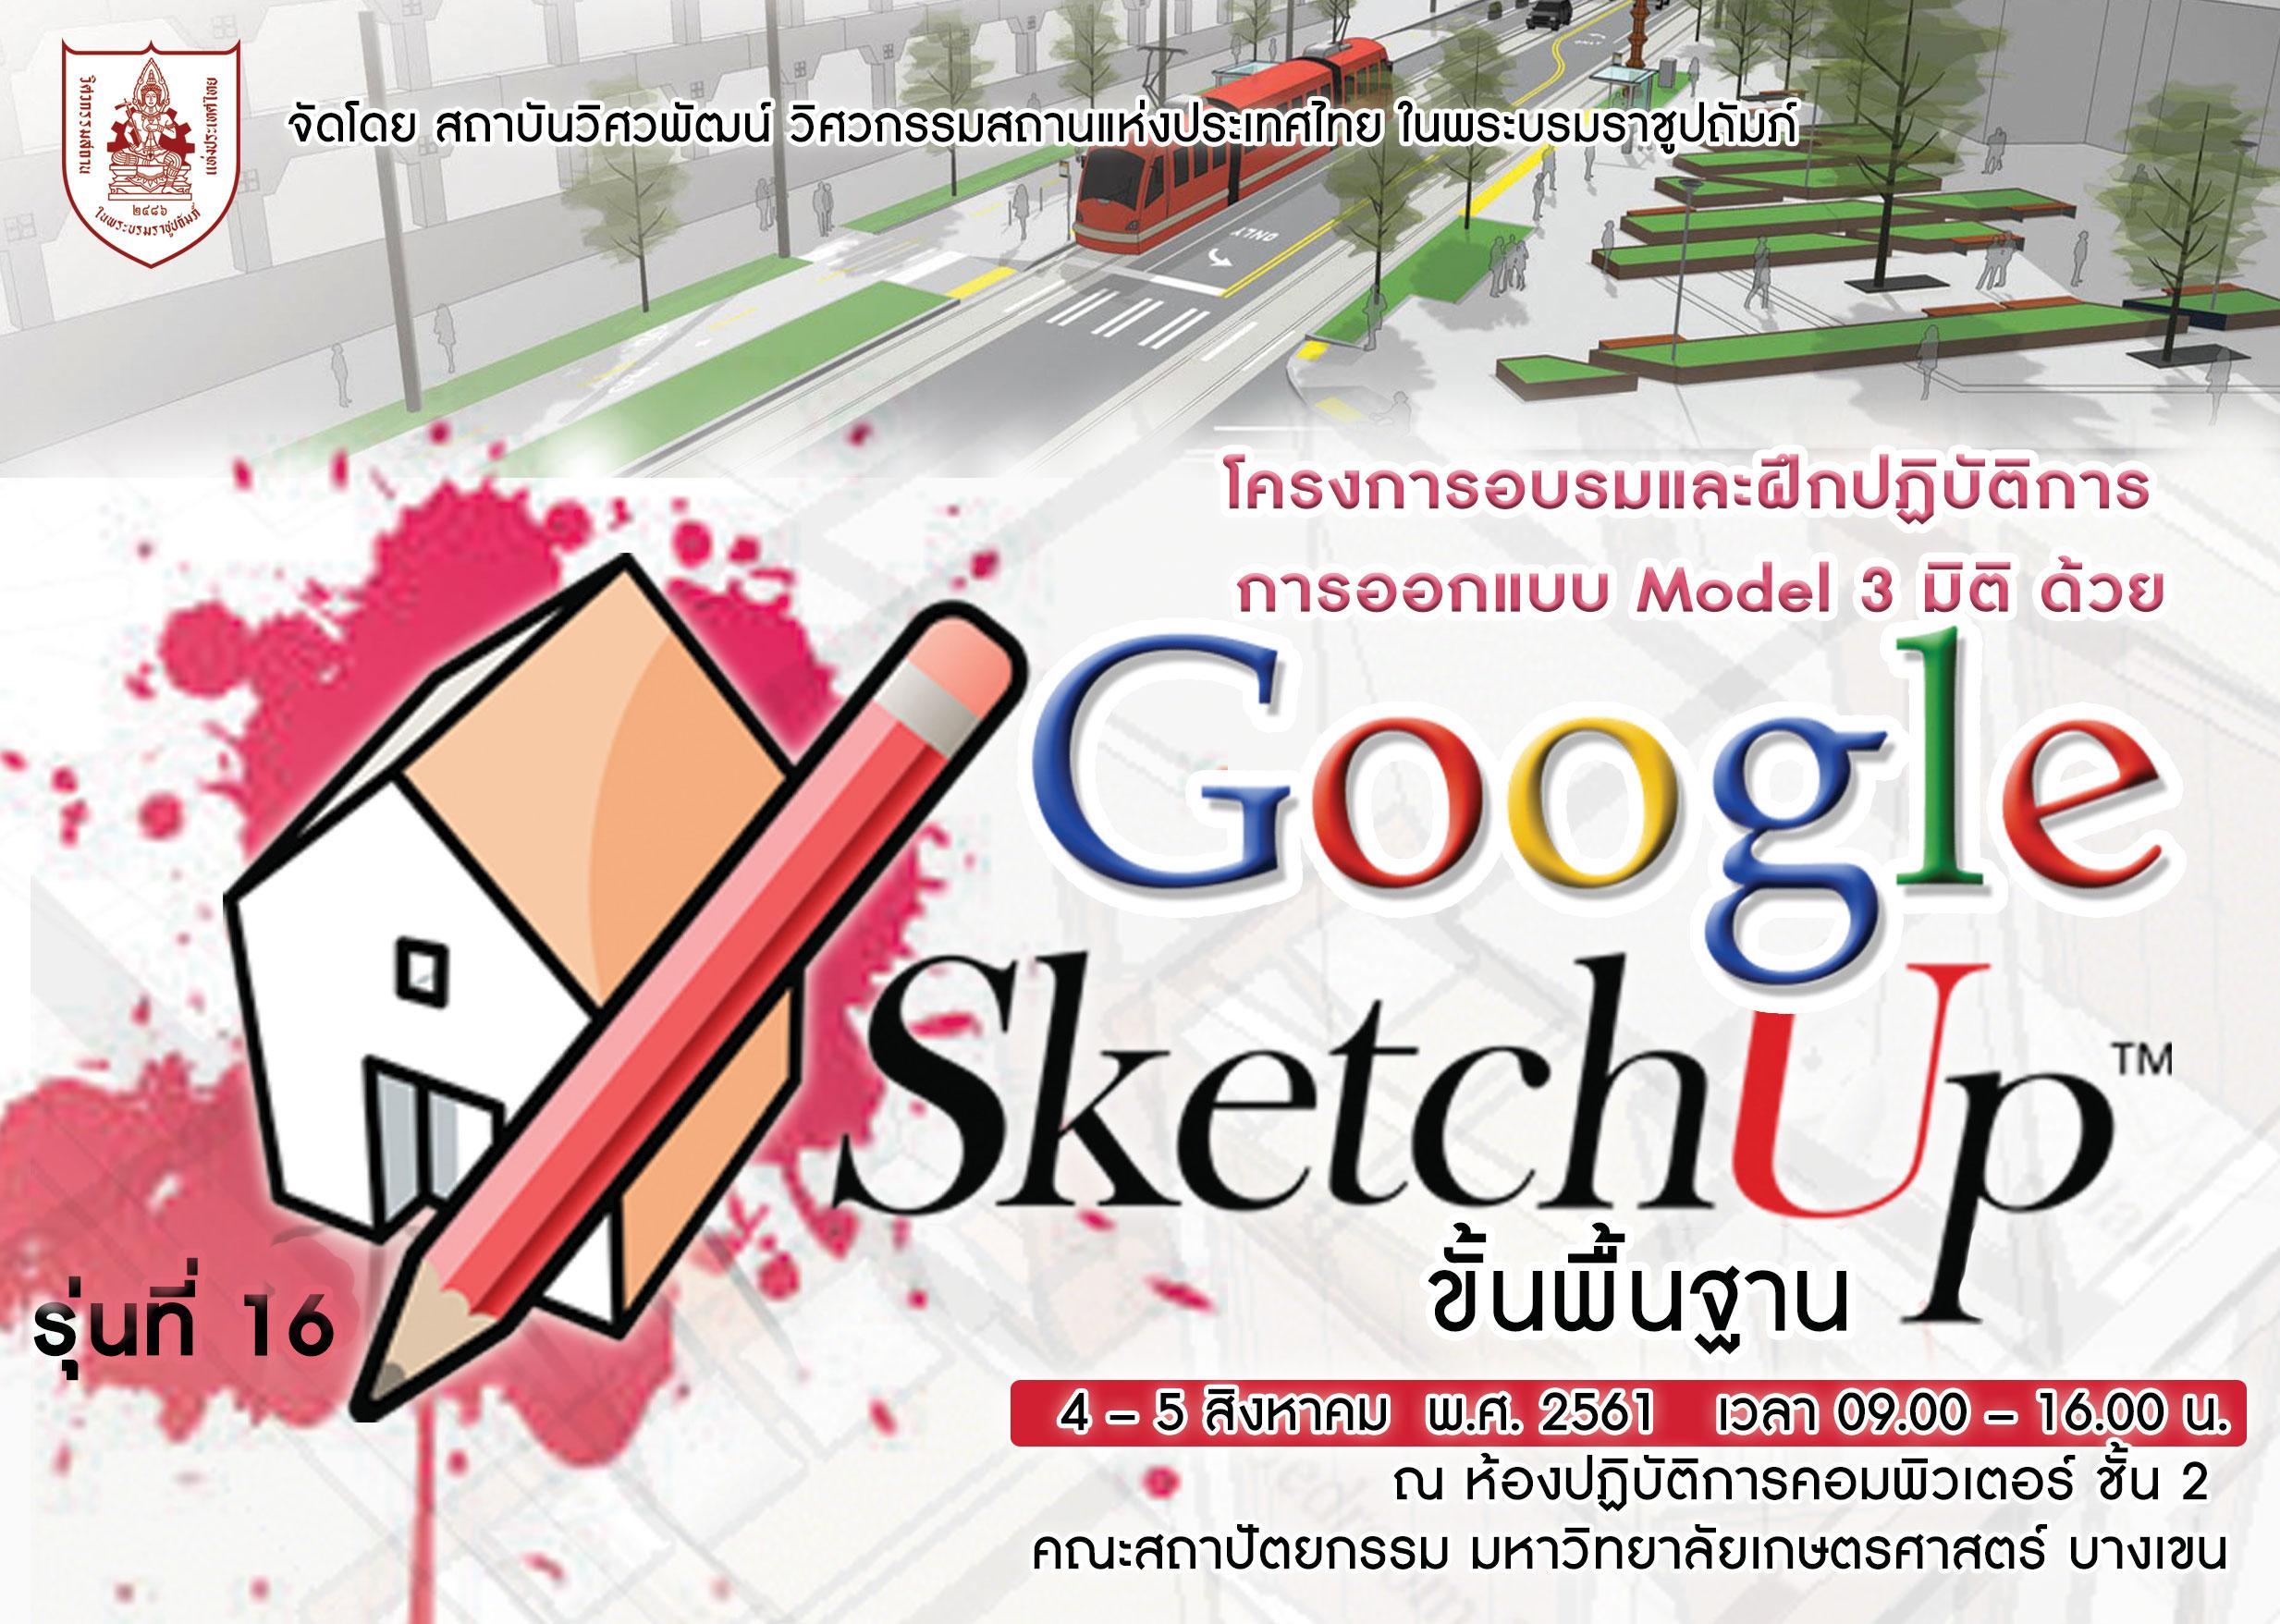 4-5/8/18 โครงการอบรมและฝึกปฏิบัติการ หลักสูตร การออกแบบ Model 3 มิติ ด้วย Google Sketchup ขั้นพื้นฐาน รุ่นที่ 16